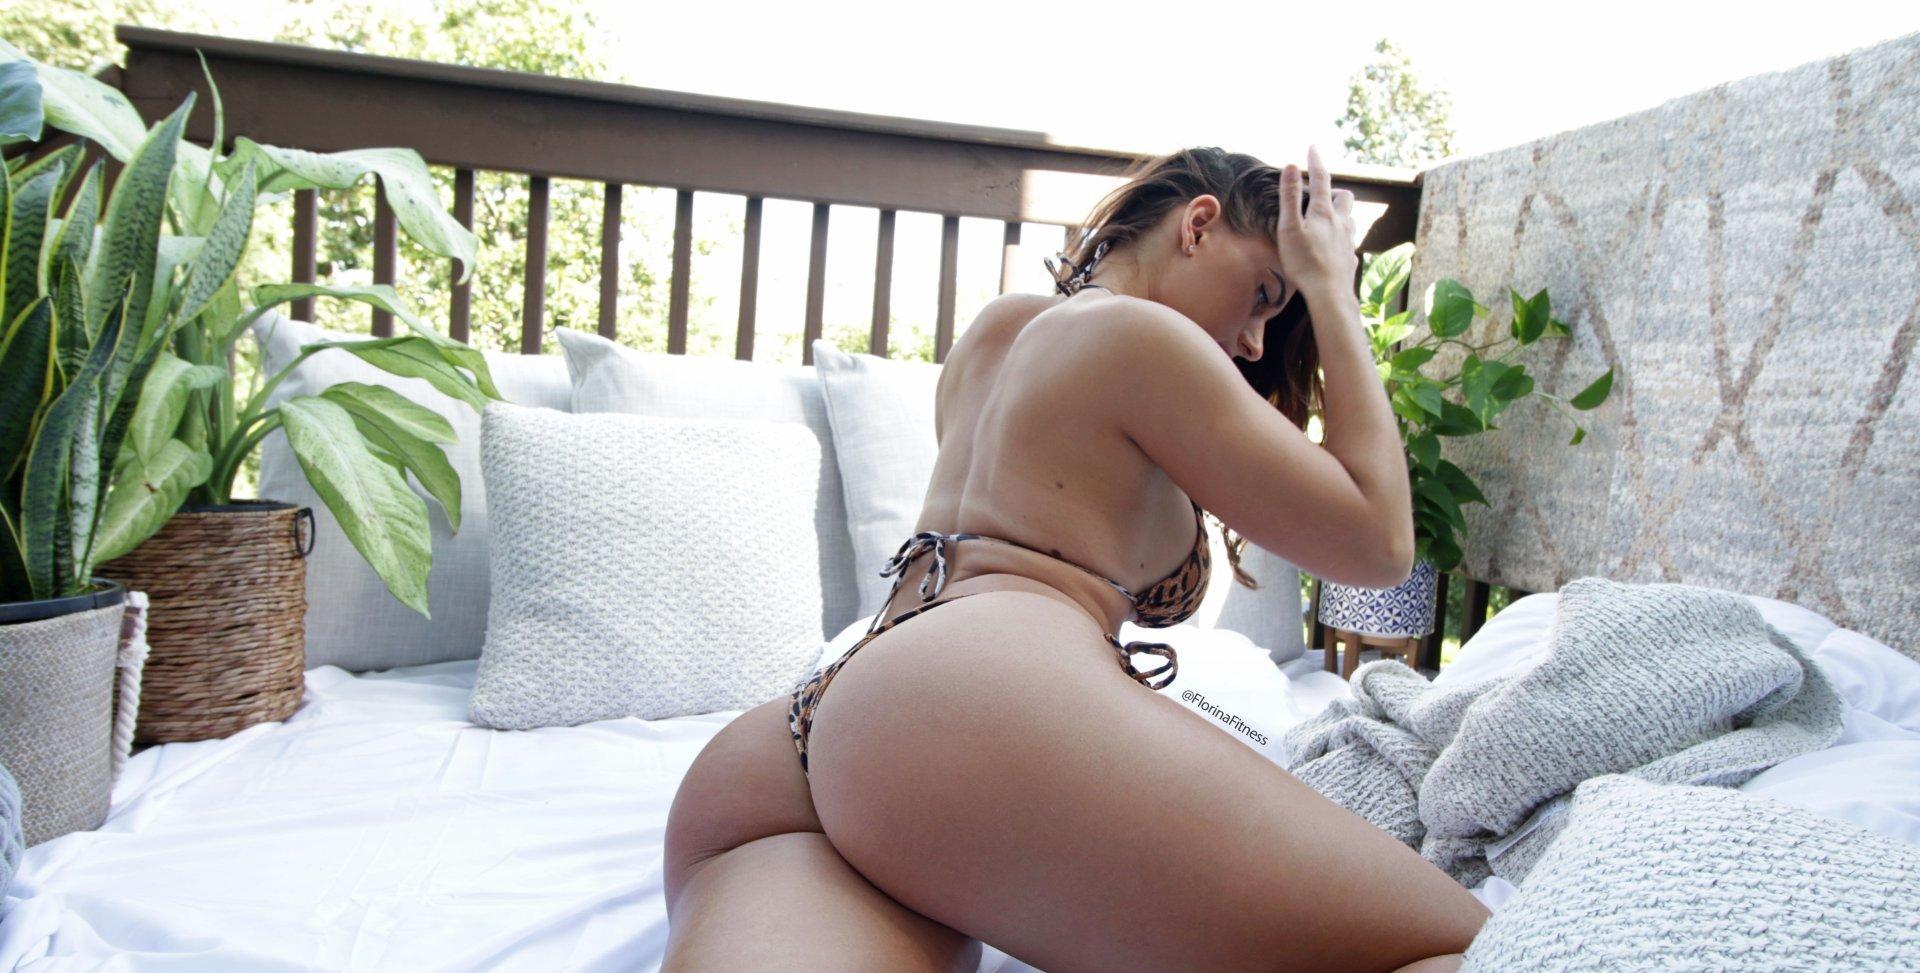 Fitness Florina Florina Patreon Nude Leaks 0016